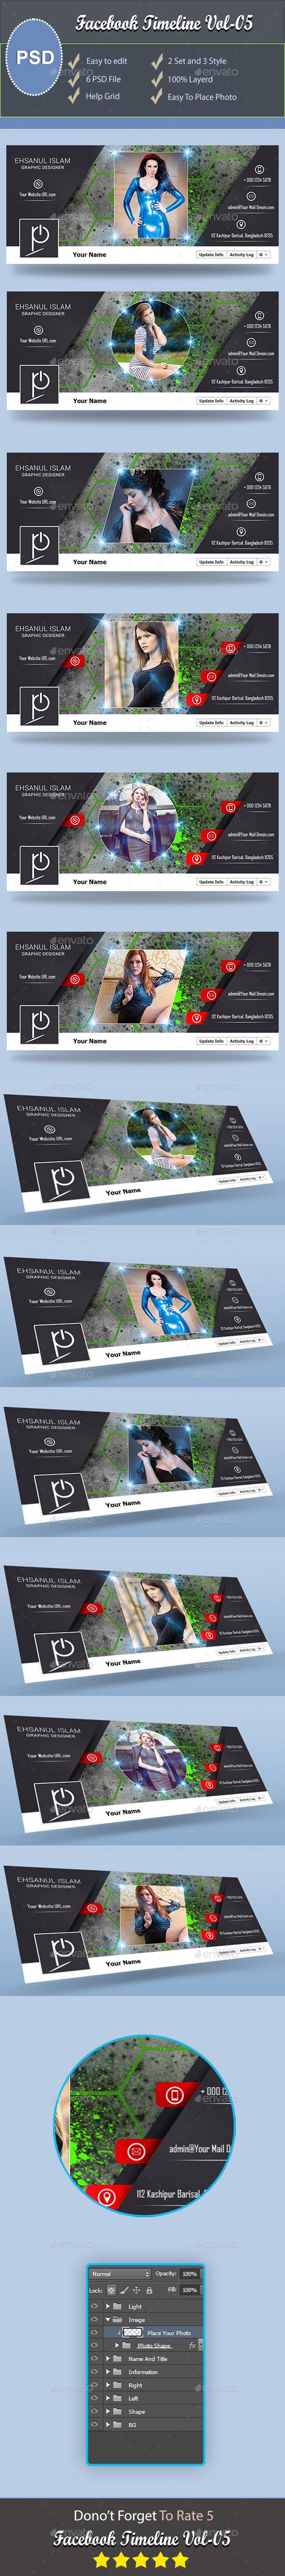 Facebook Timeline Cover V5 - Facebook Timeline Covers Social Media